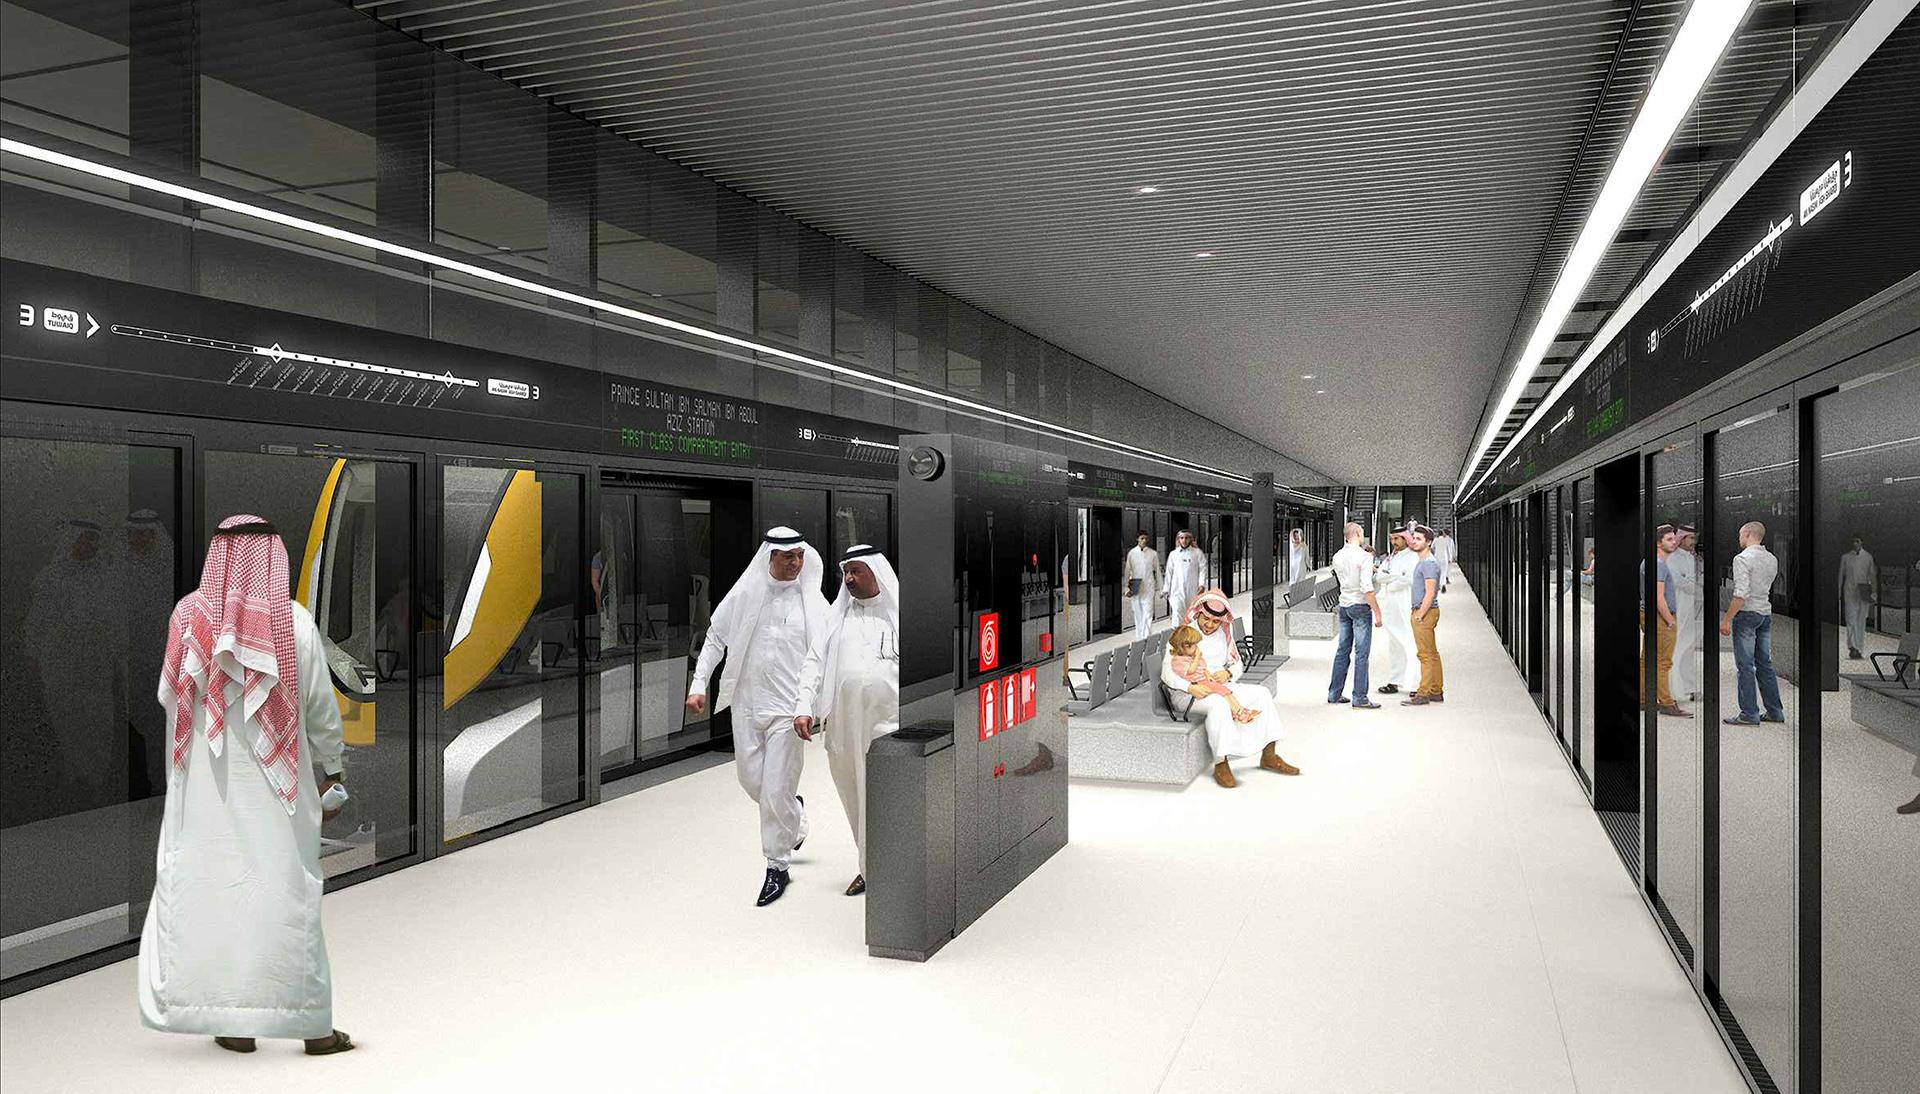 metro-station-3h1-1